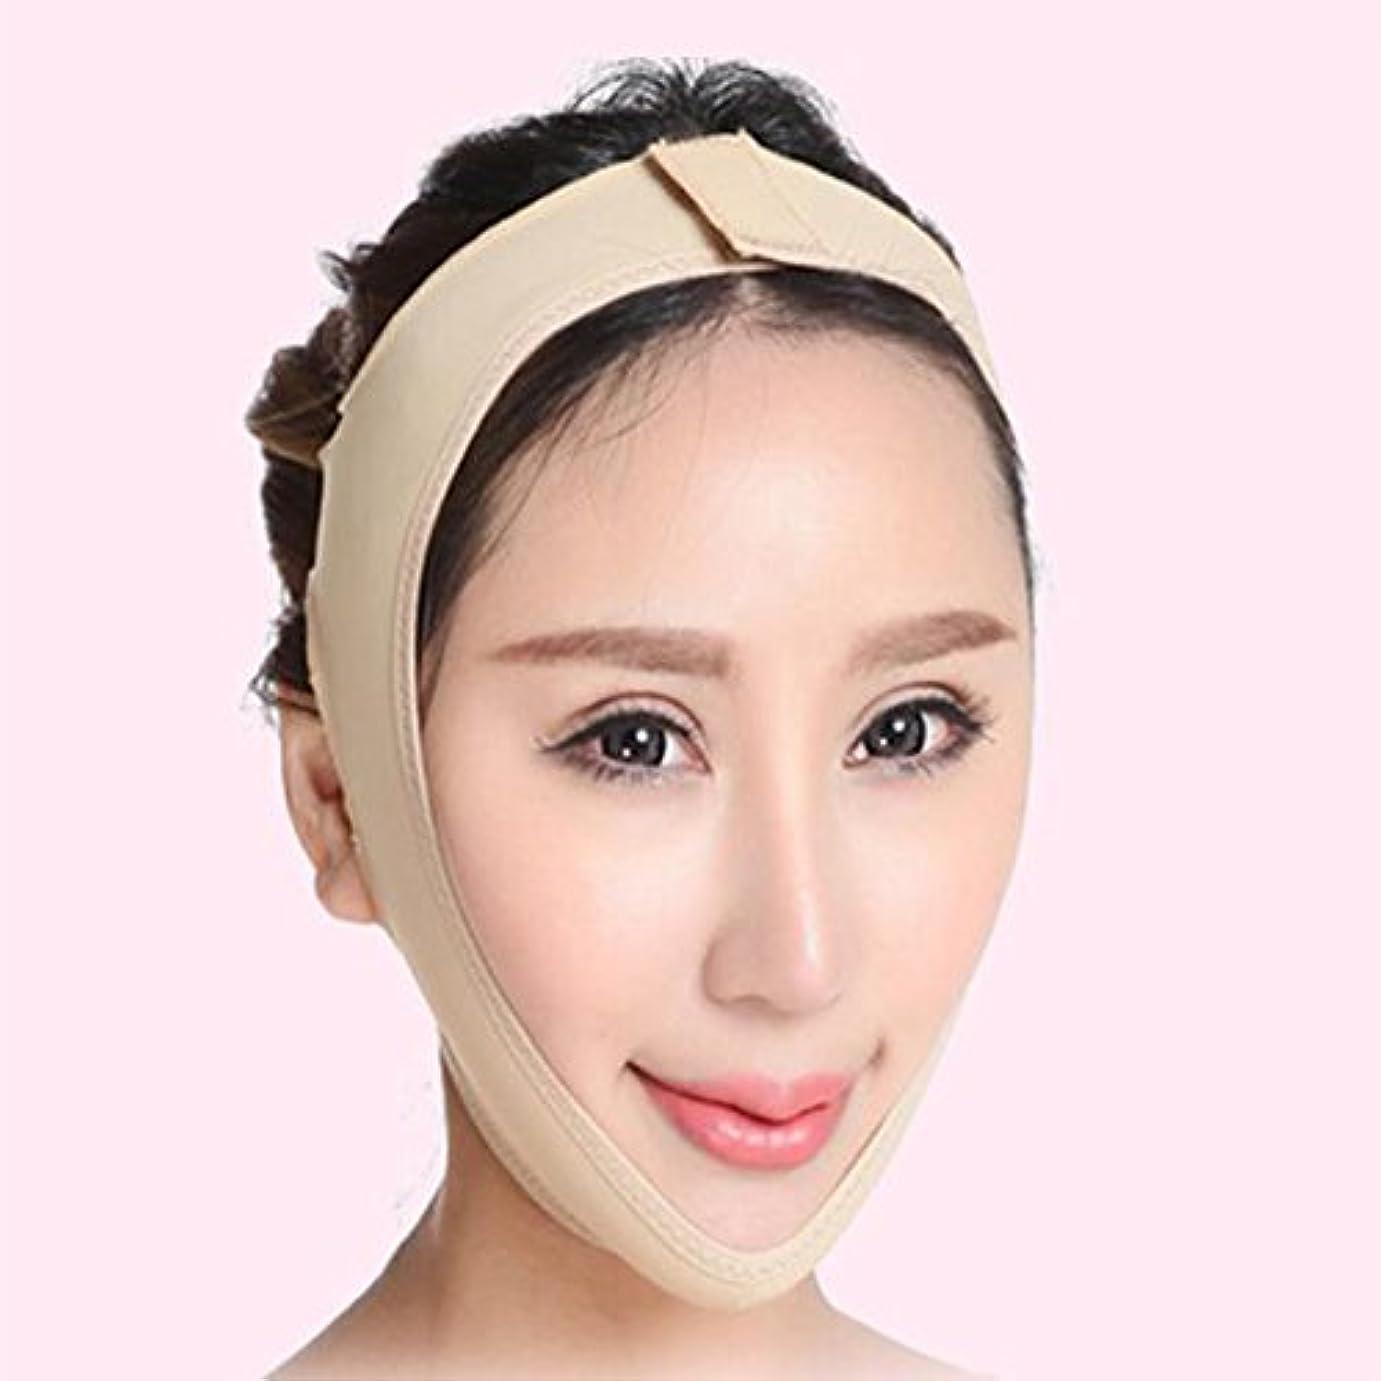 資料ベーリング海峡充実1stモール 小顔 小顔マスク リフトアップ マスク フェイスライン 矯正 あご シャープ メンズ レディース Sサイズ ST-AZD15003-S